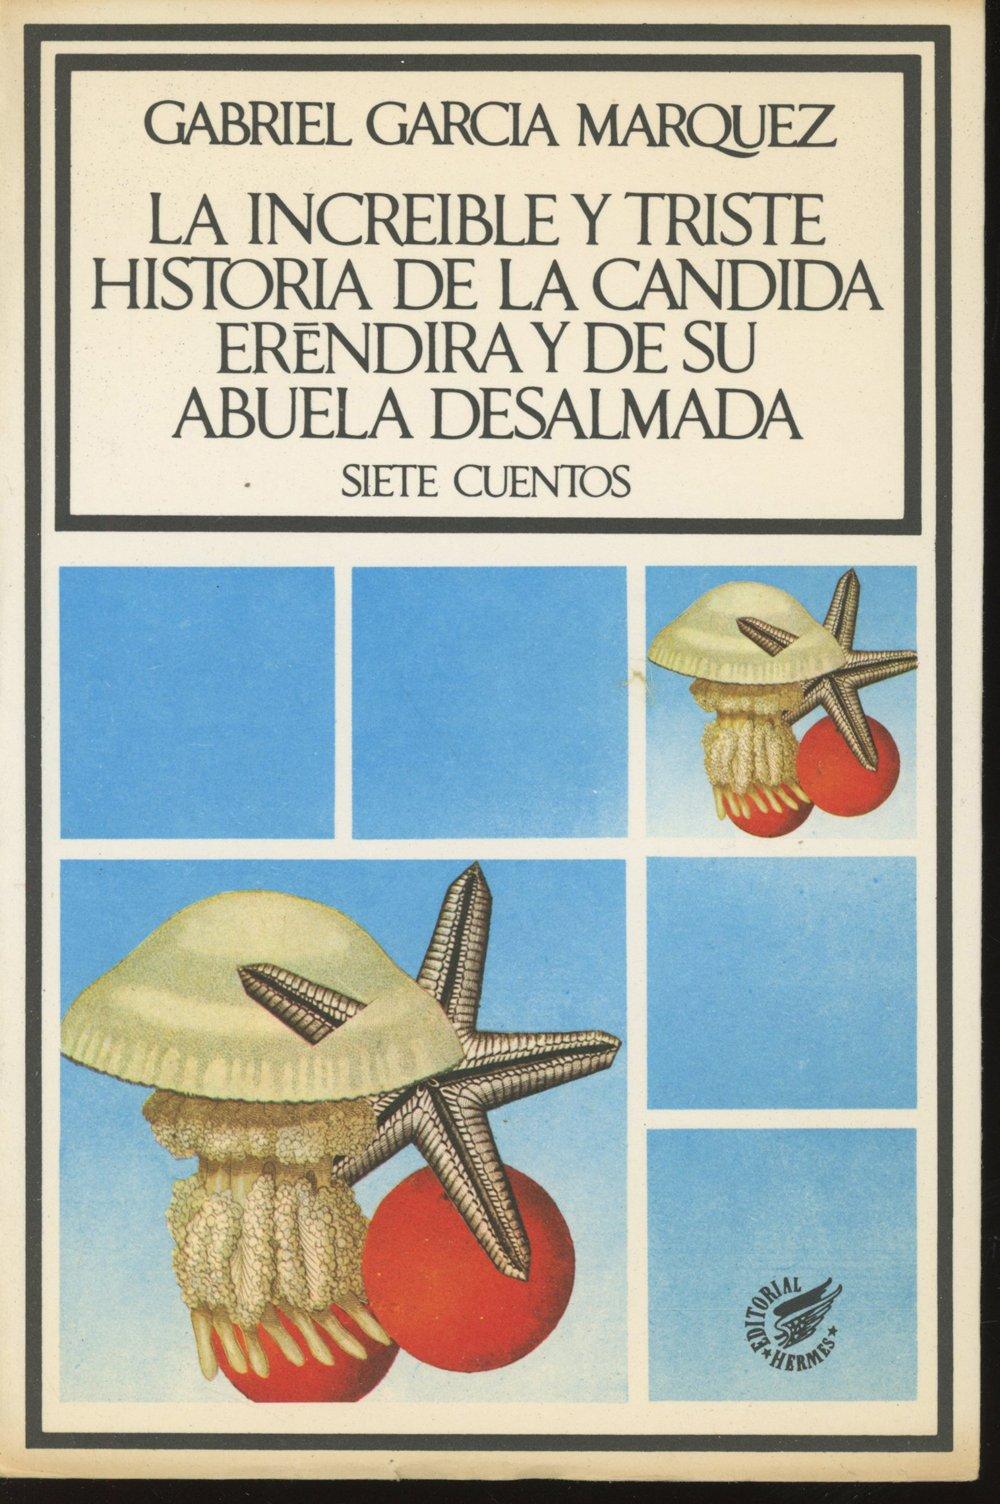 La Increible y Triste Historia de la Candida Erendira y de su Abuela Desalmada: Siete Cuentos., Marquez, Gabriel Garcia.